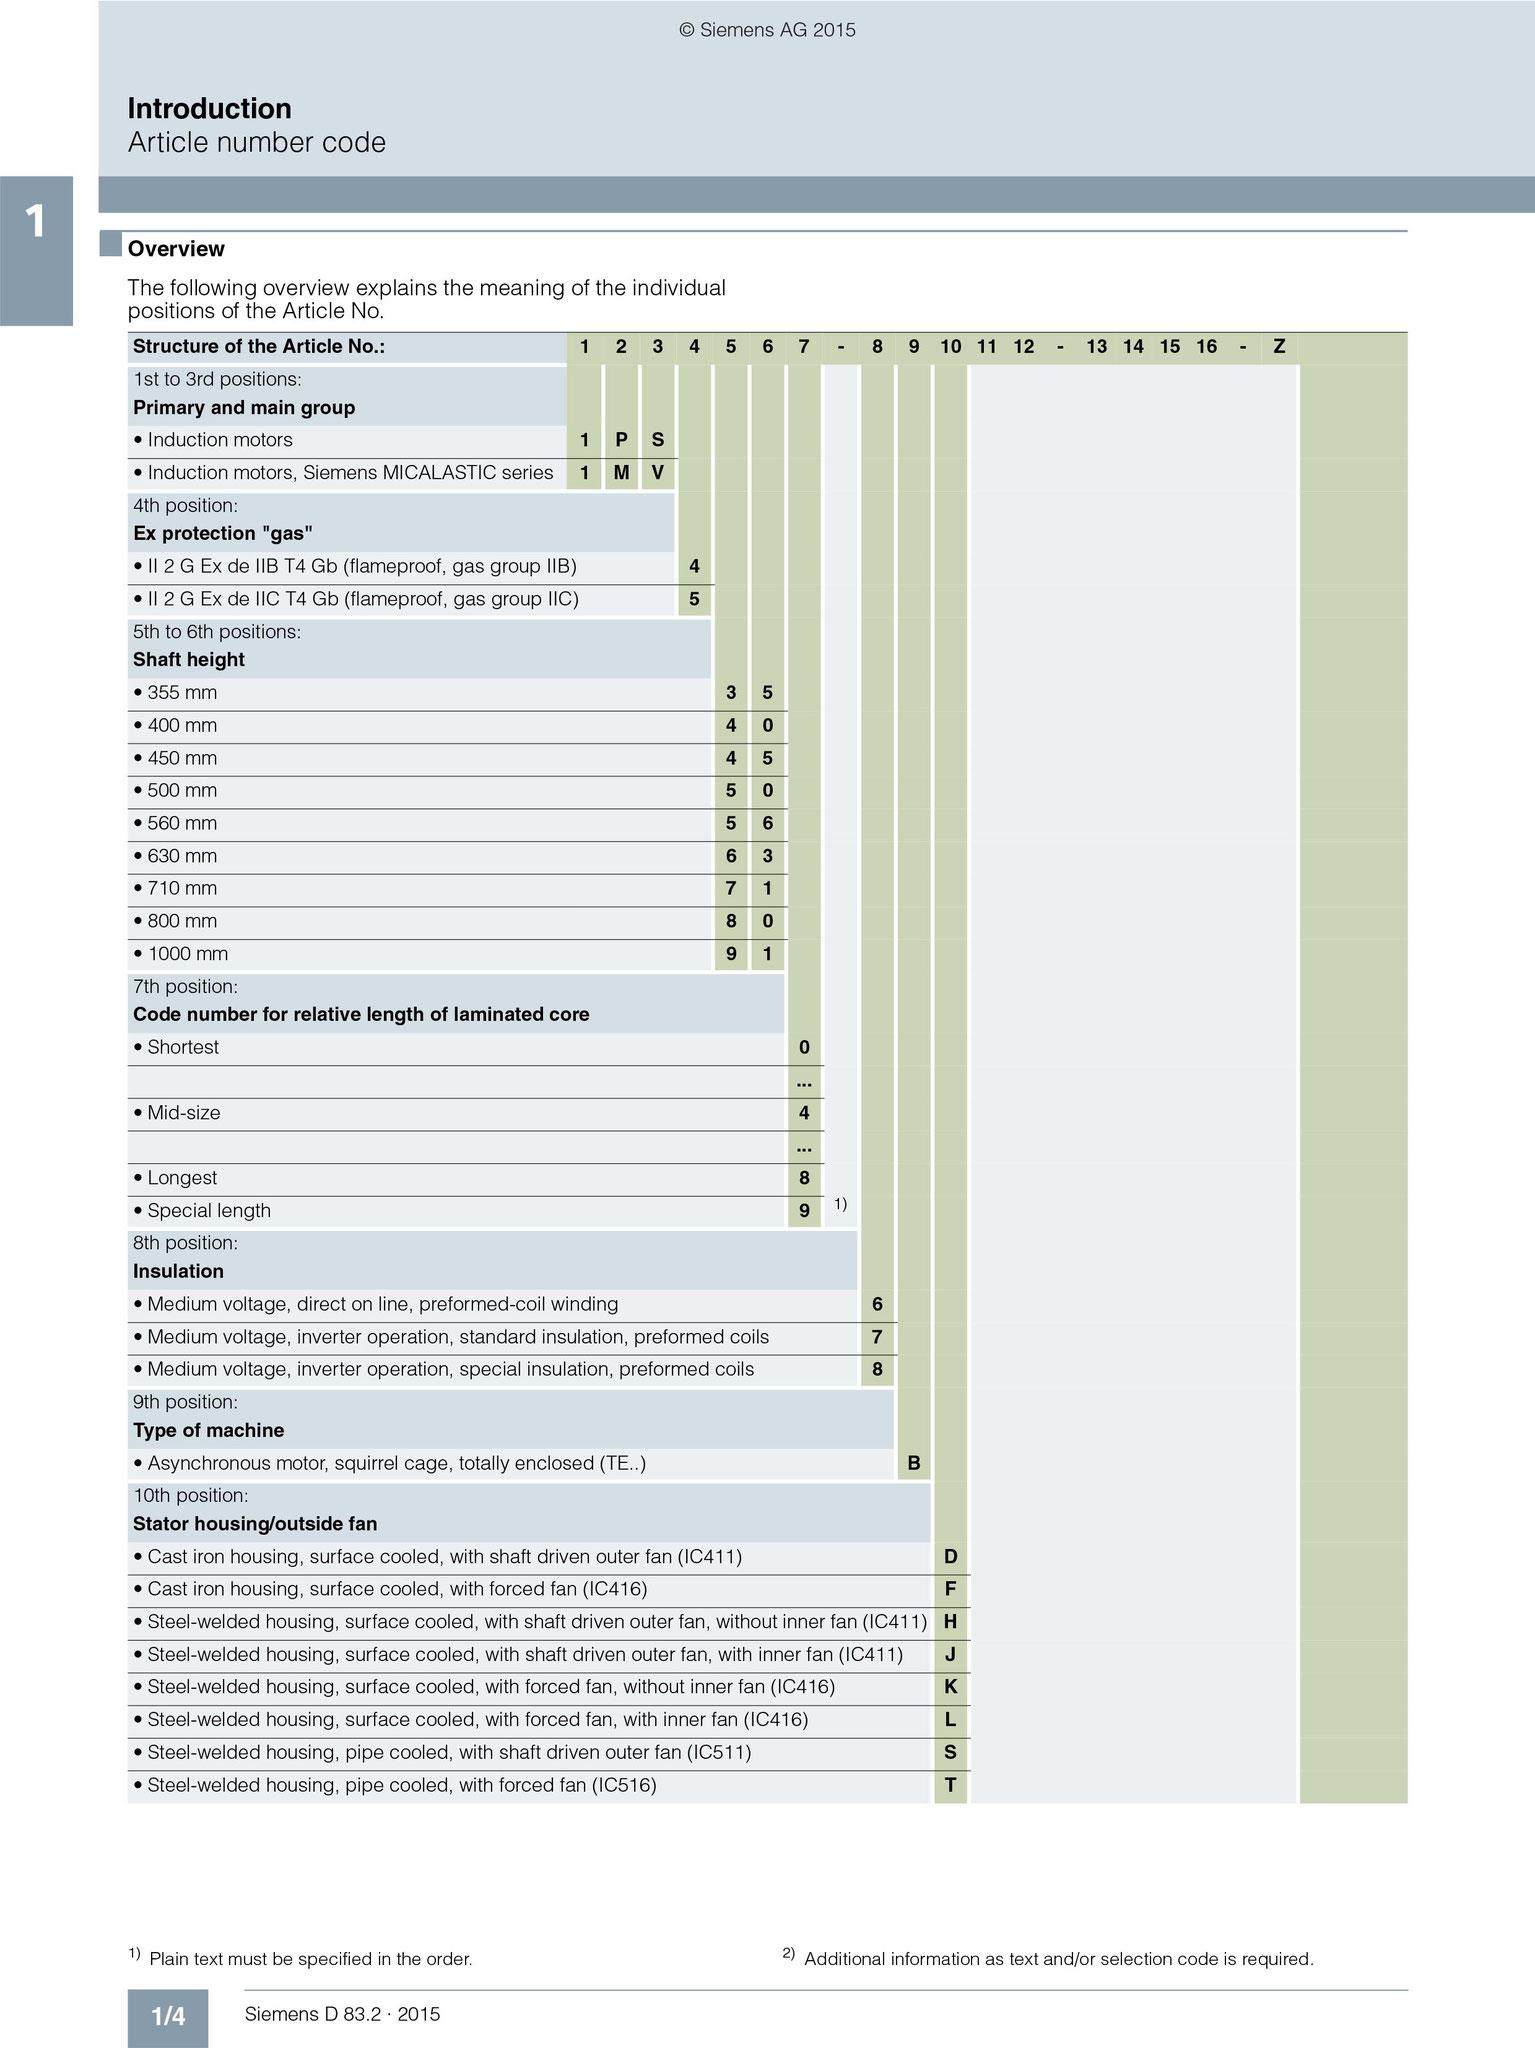 Siemens Katalog (D 83.2): Artikelnummernschlüssel Übersicht © Siemens AG 2020, Alle Rechte vorbehalten